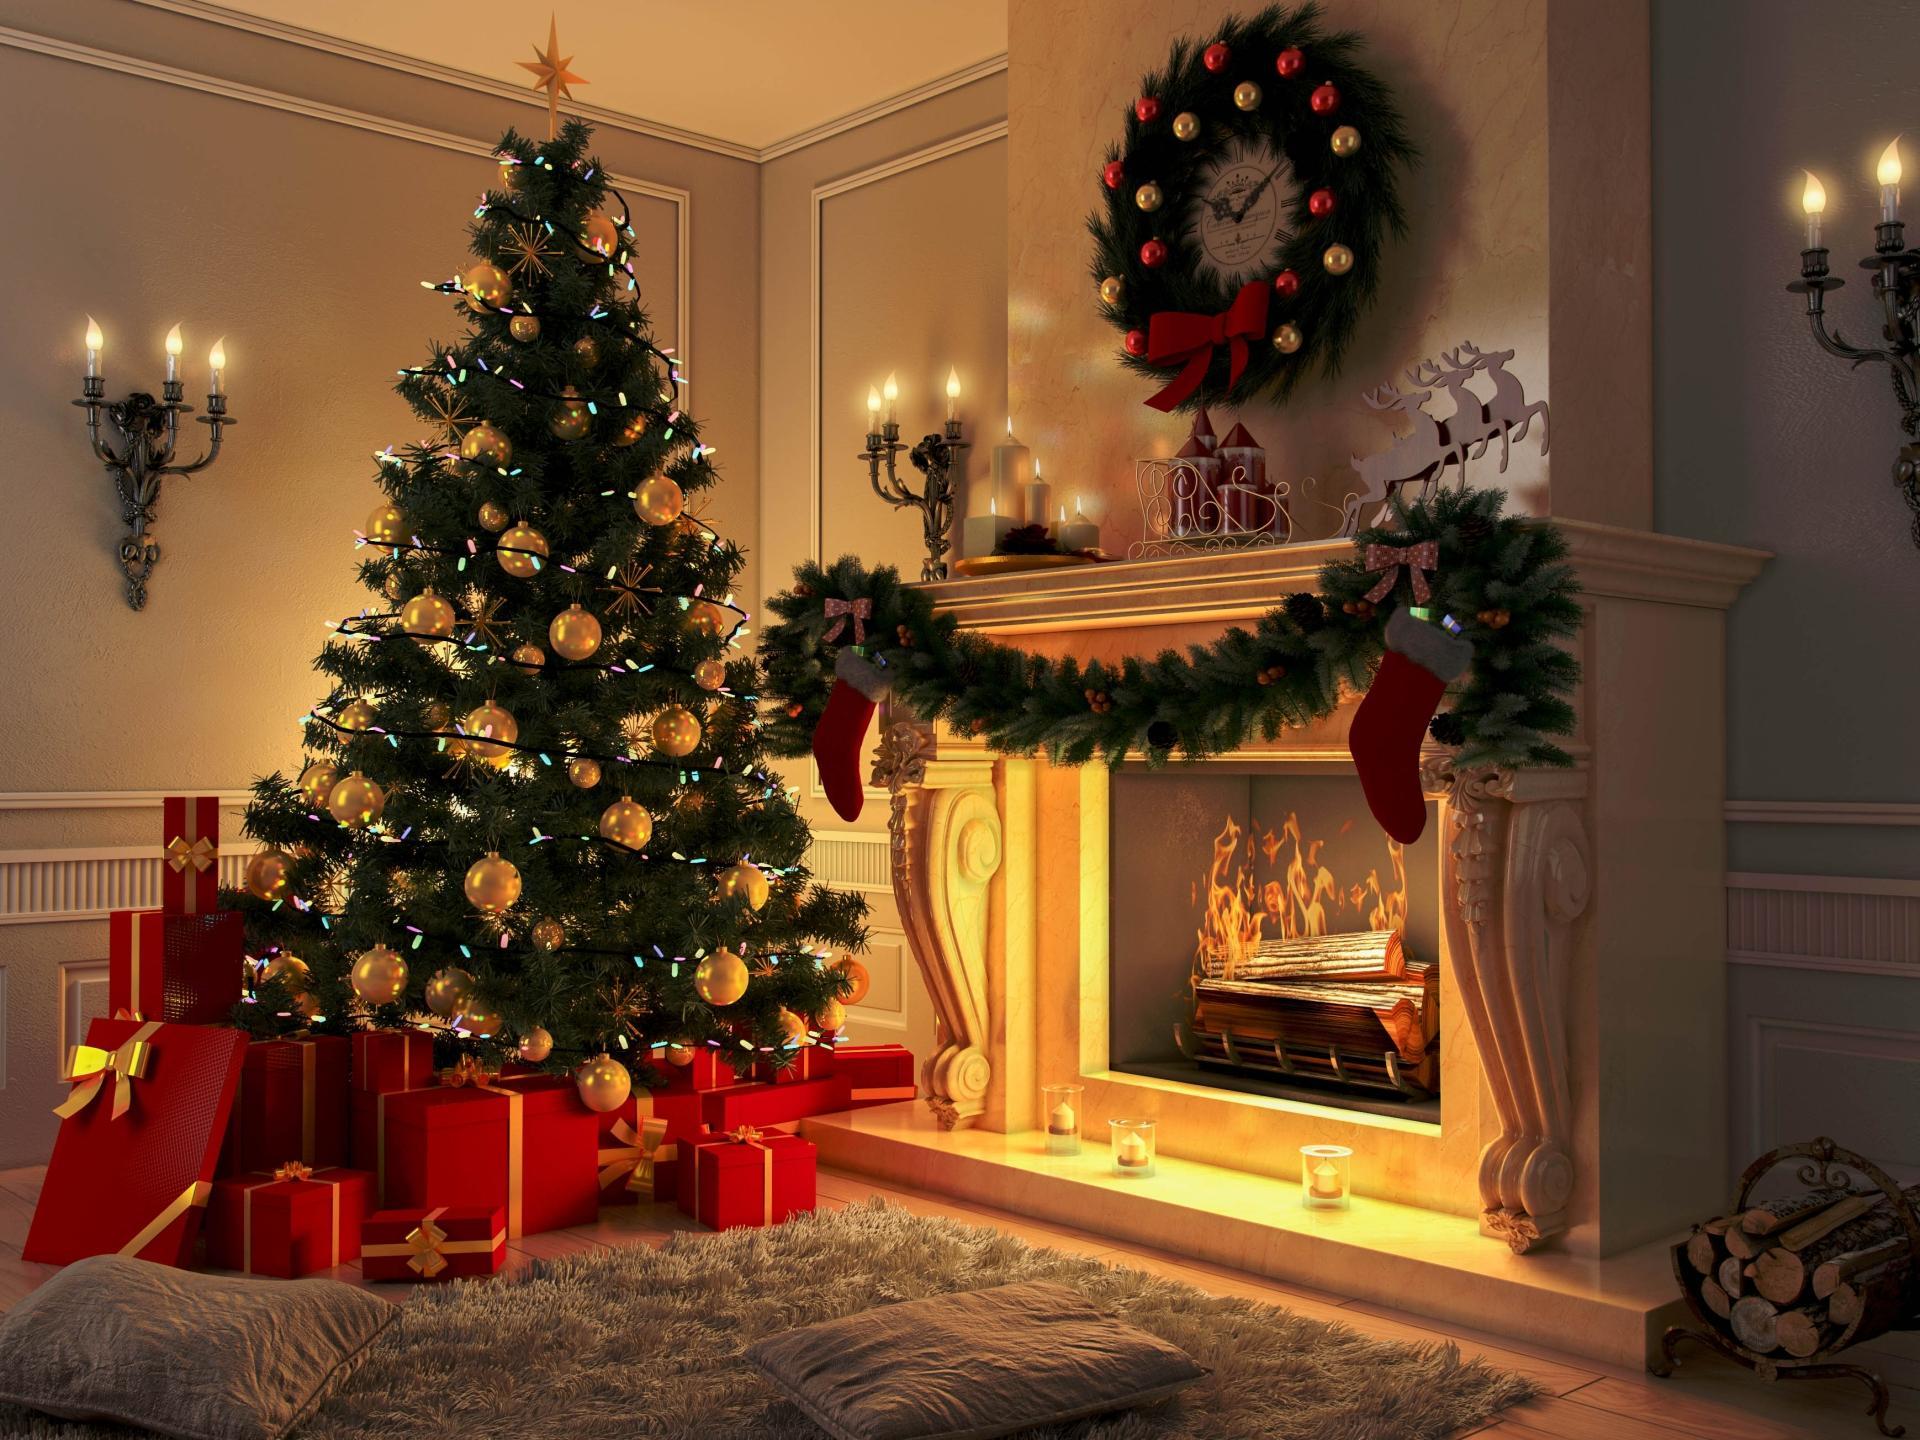 Albero Di Natale Jpeg.Alberi Di Natale Le Decorazioni Piu Suggestive Foto 1 Di 3 Radio Monte Carlo